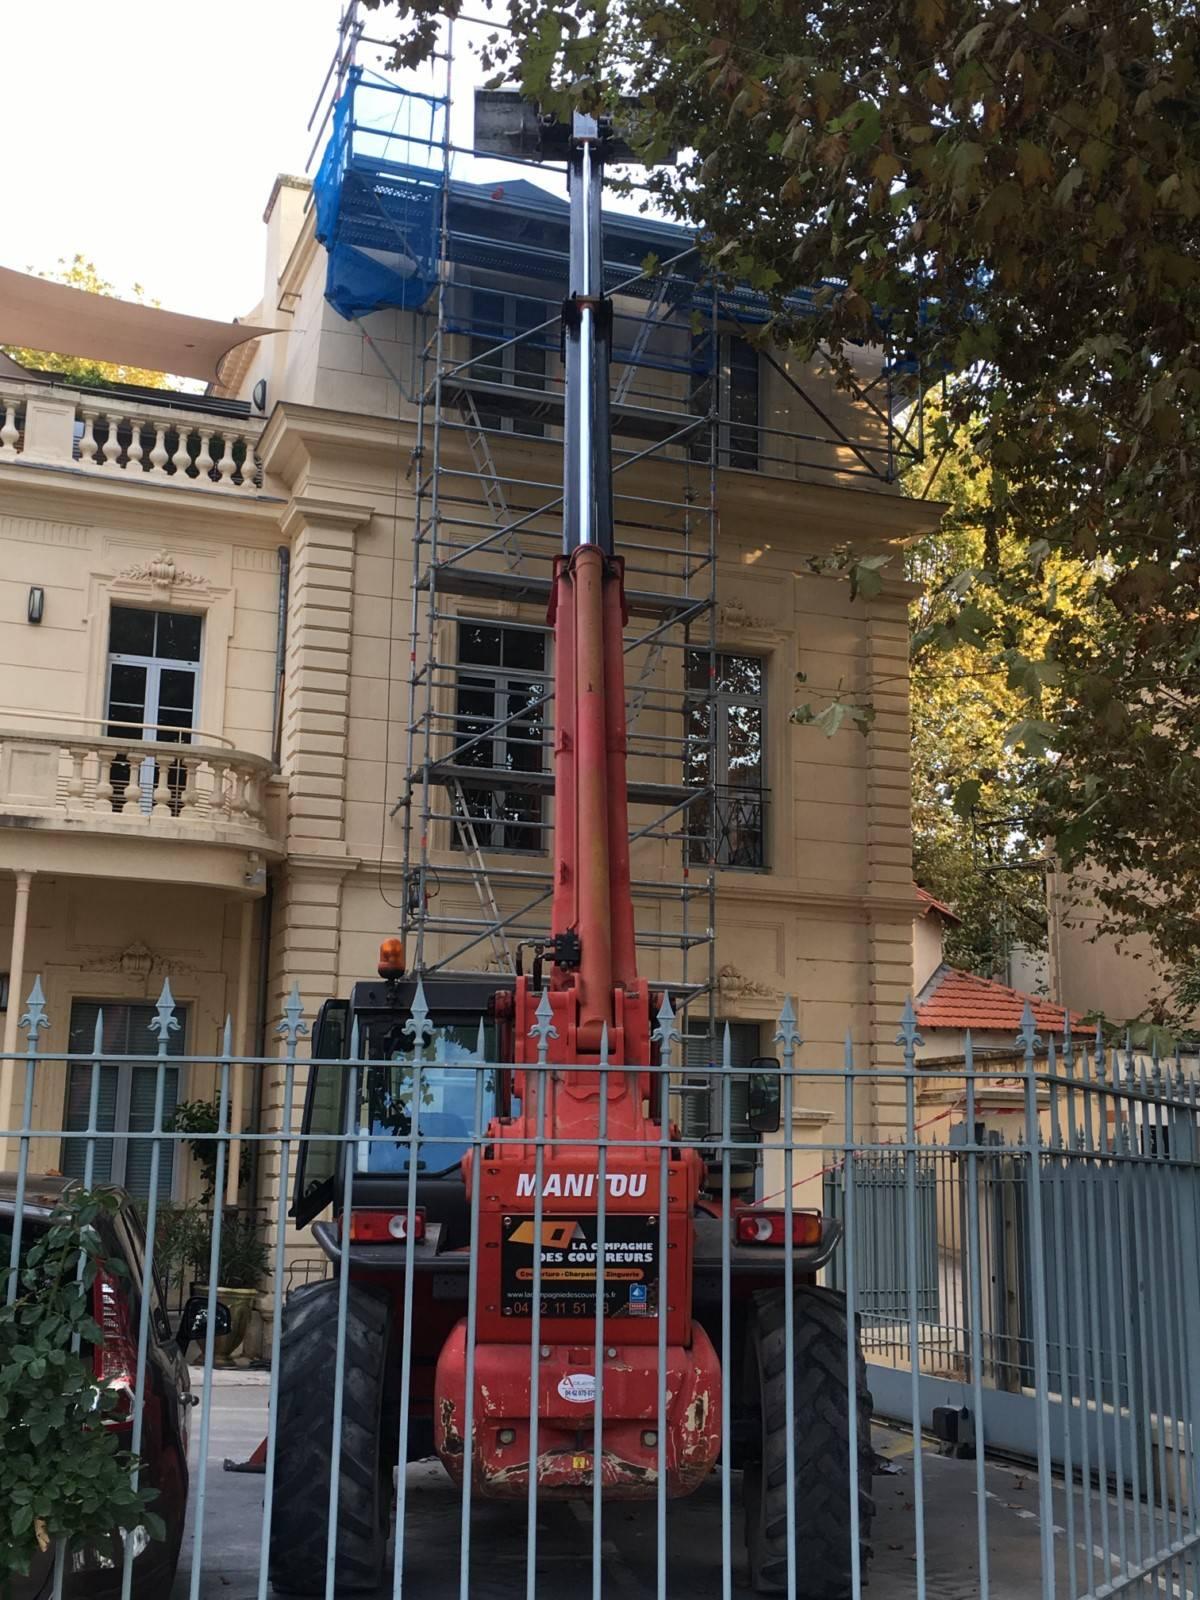 R novation de toiture et de zinguerie salon de provence - Chambre de commerce salon de provence ...